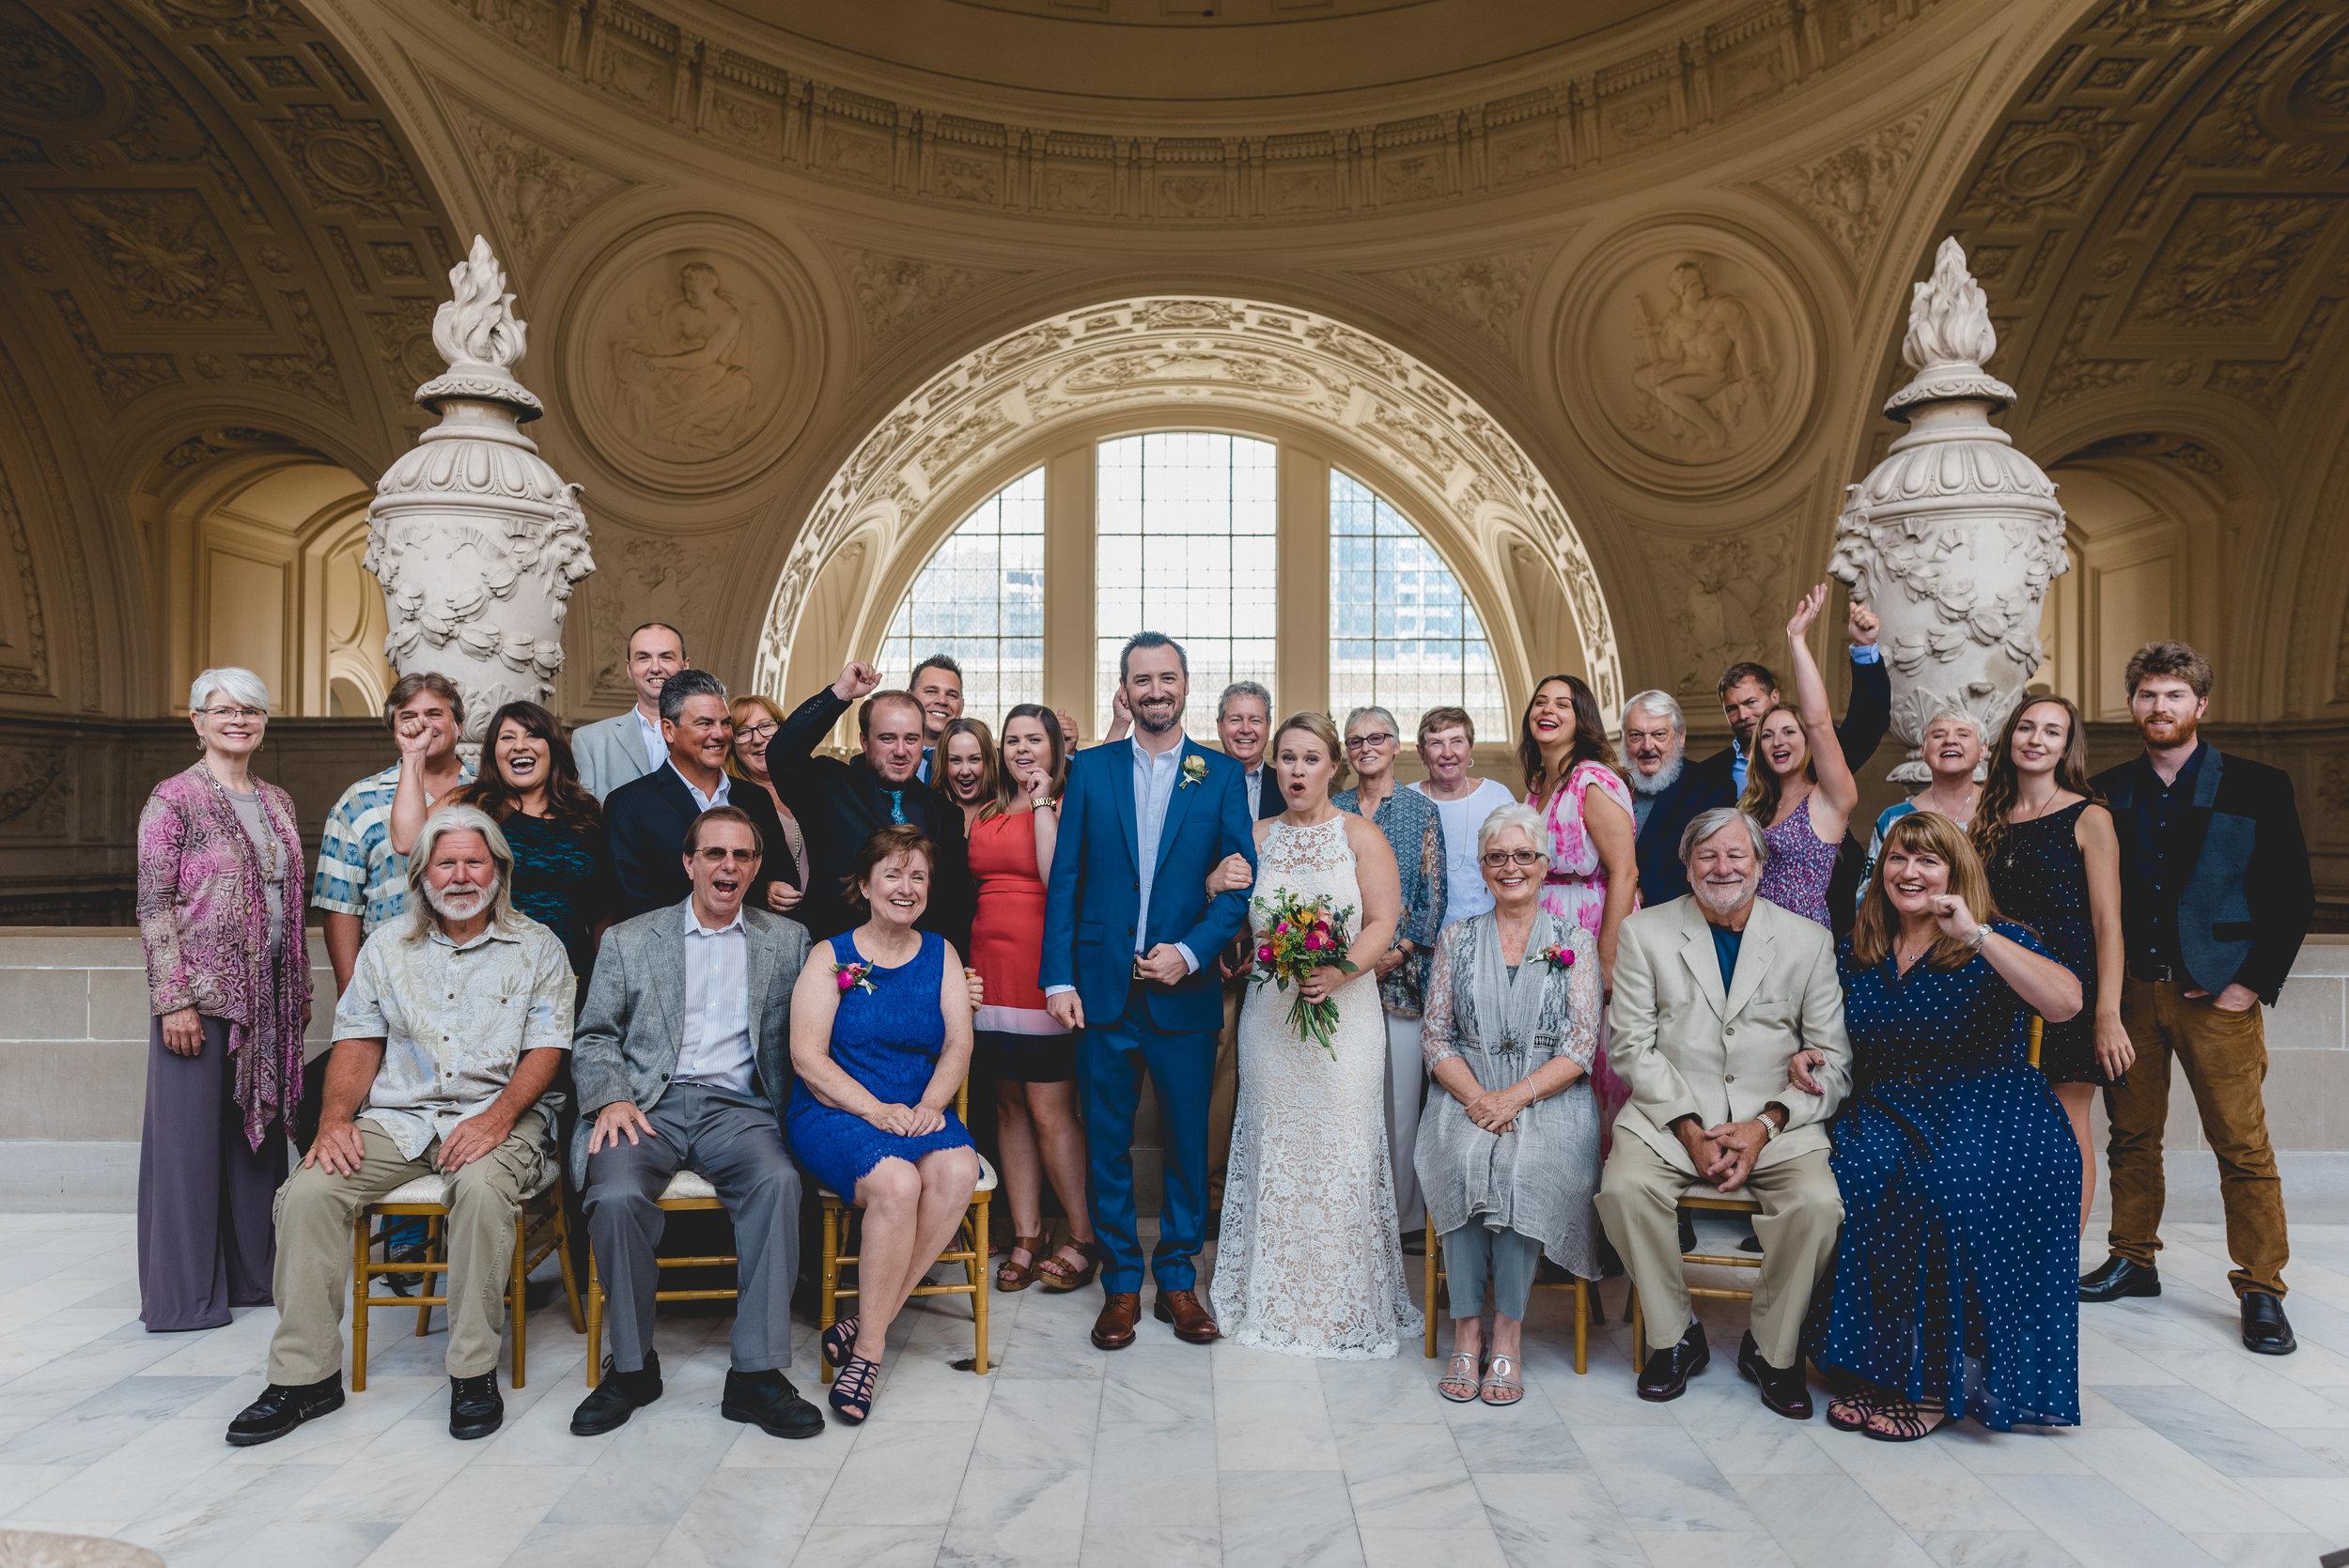 mcdaniels_conroy-wedding-ceremony-137.jpg